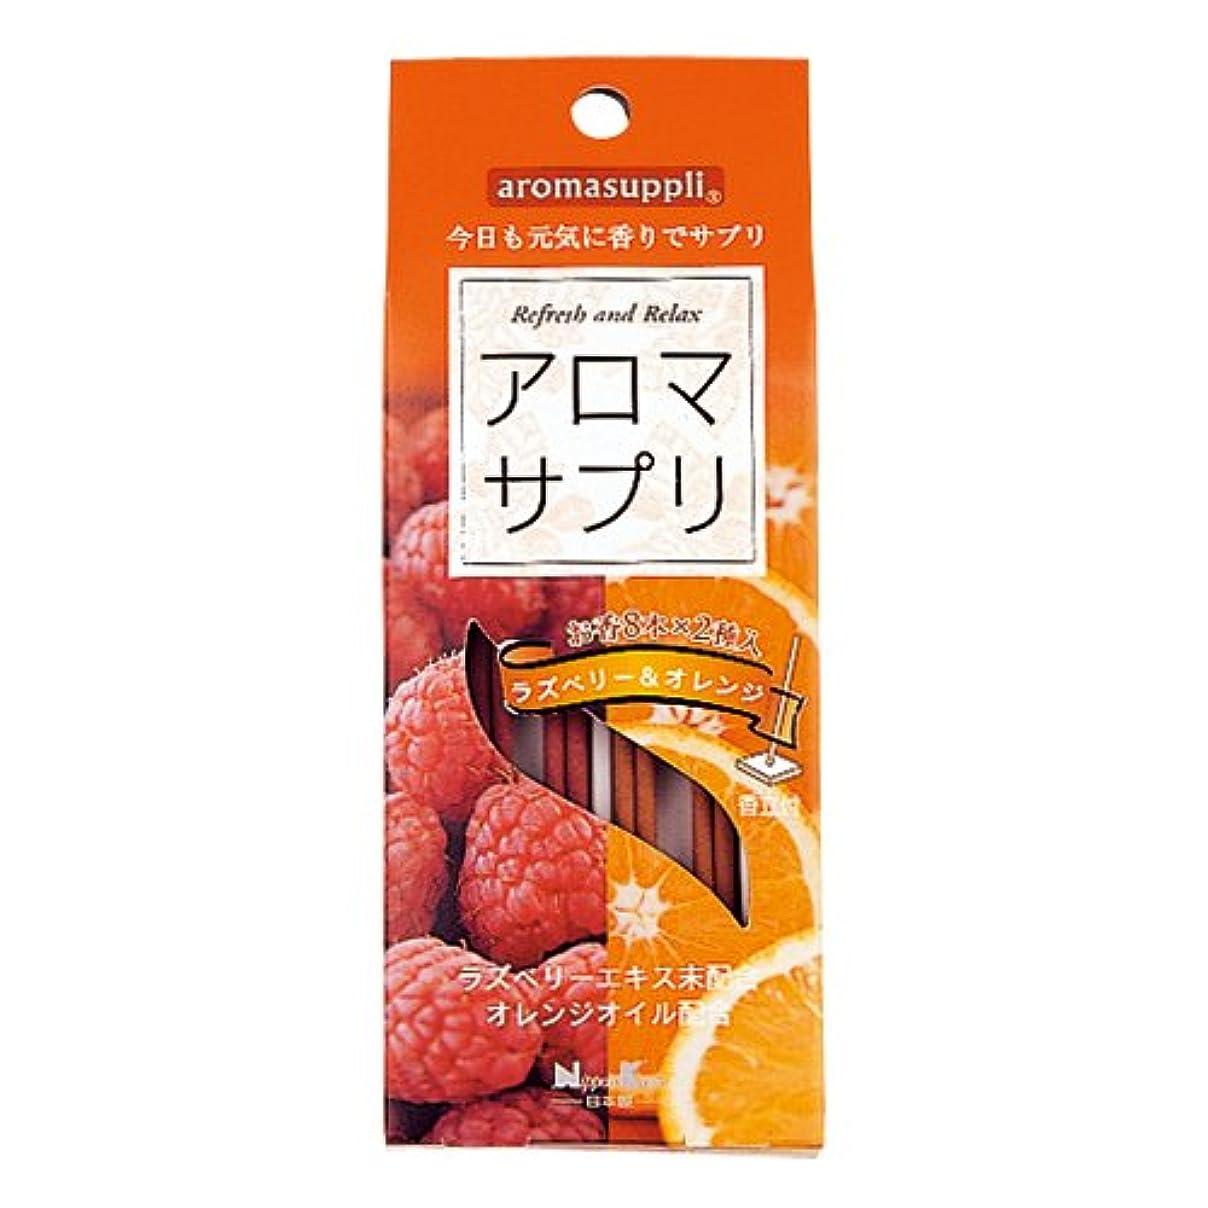 気怠いメディア領収書【X5個セット】 アロマサプリ ラズベリー&オレンジ 8本入×2種